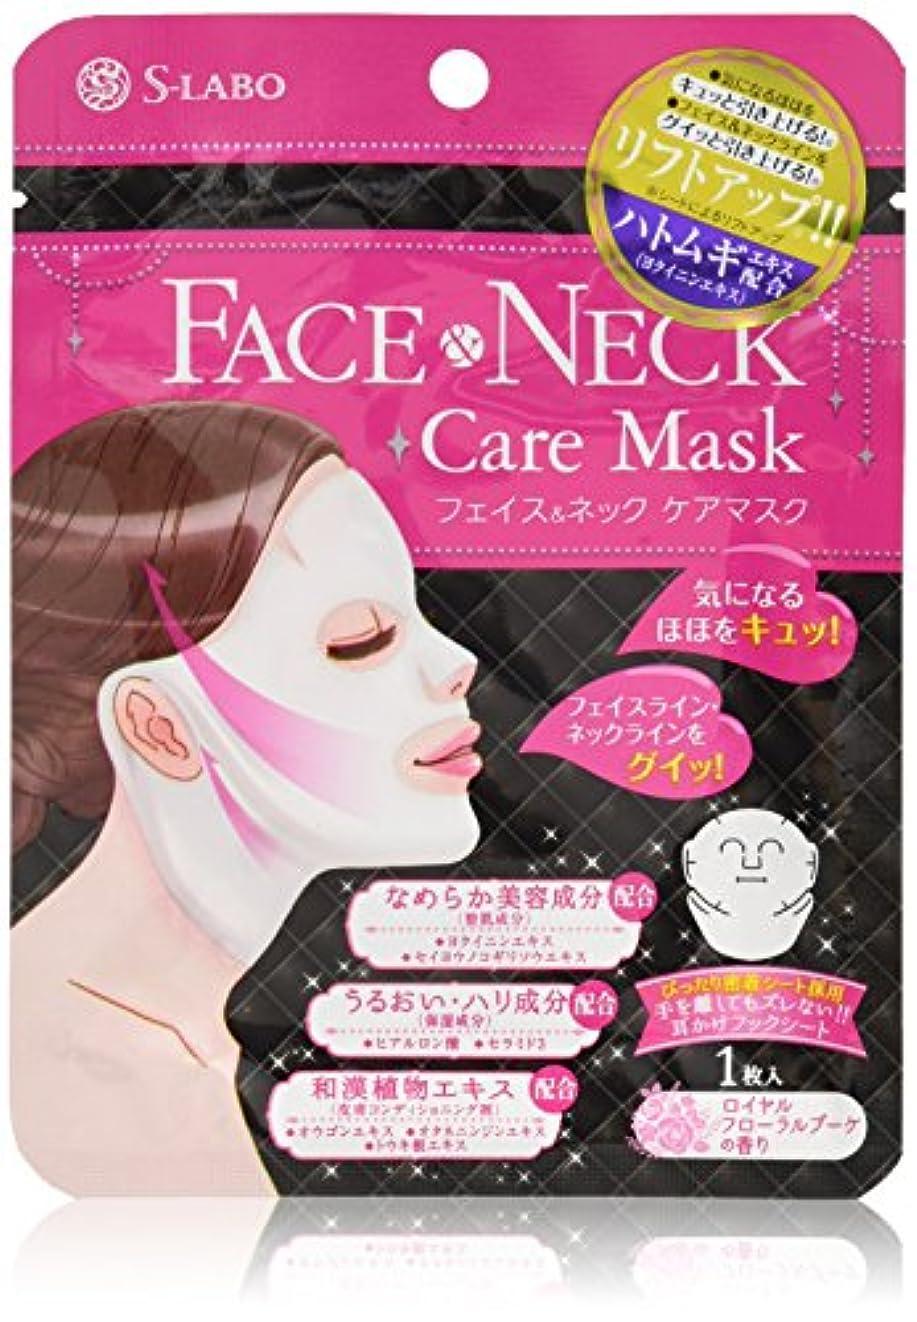 趣味動く仲介者S-LABO フェイス & ネックケアマスク (1枚入)